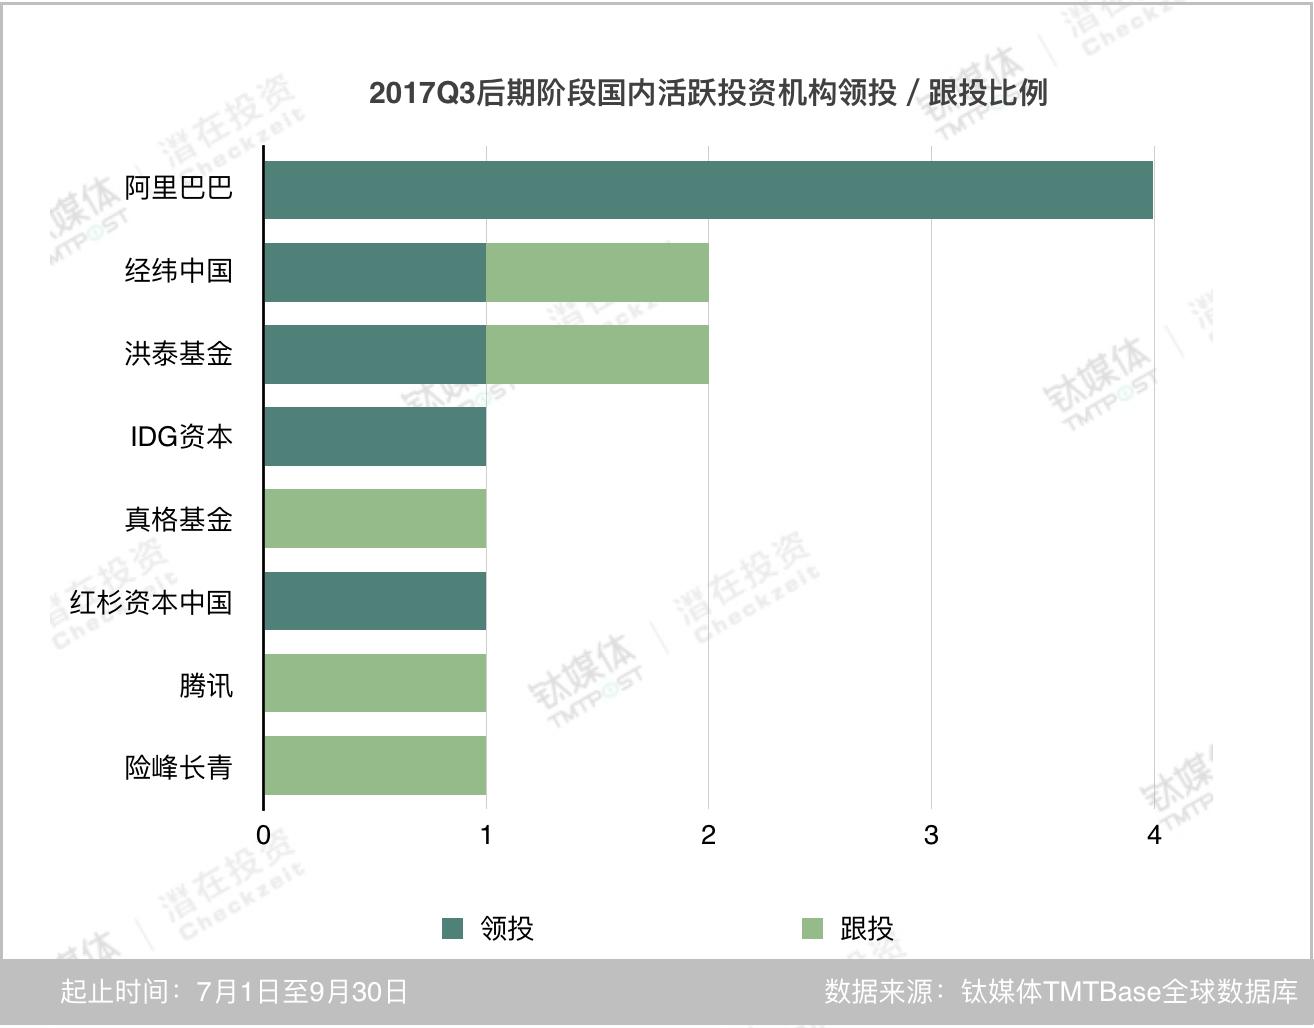 10月16日,百度宣布将百度福州研发中心的相关业务陆续迁移至北京,这一举措被解读为19亿美元收购91无线的黯然收场。相比于百度,阿里巴巴和腾讯在近几年通过投资进行快速布局,而且多为领投掌握更多话语权。